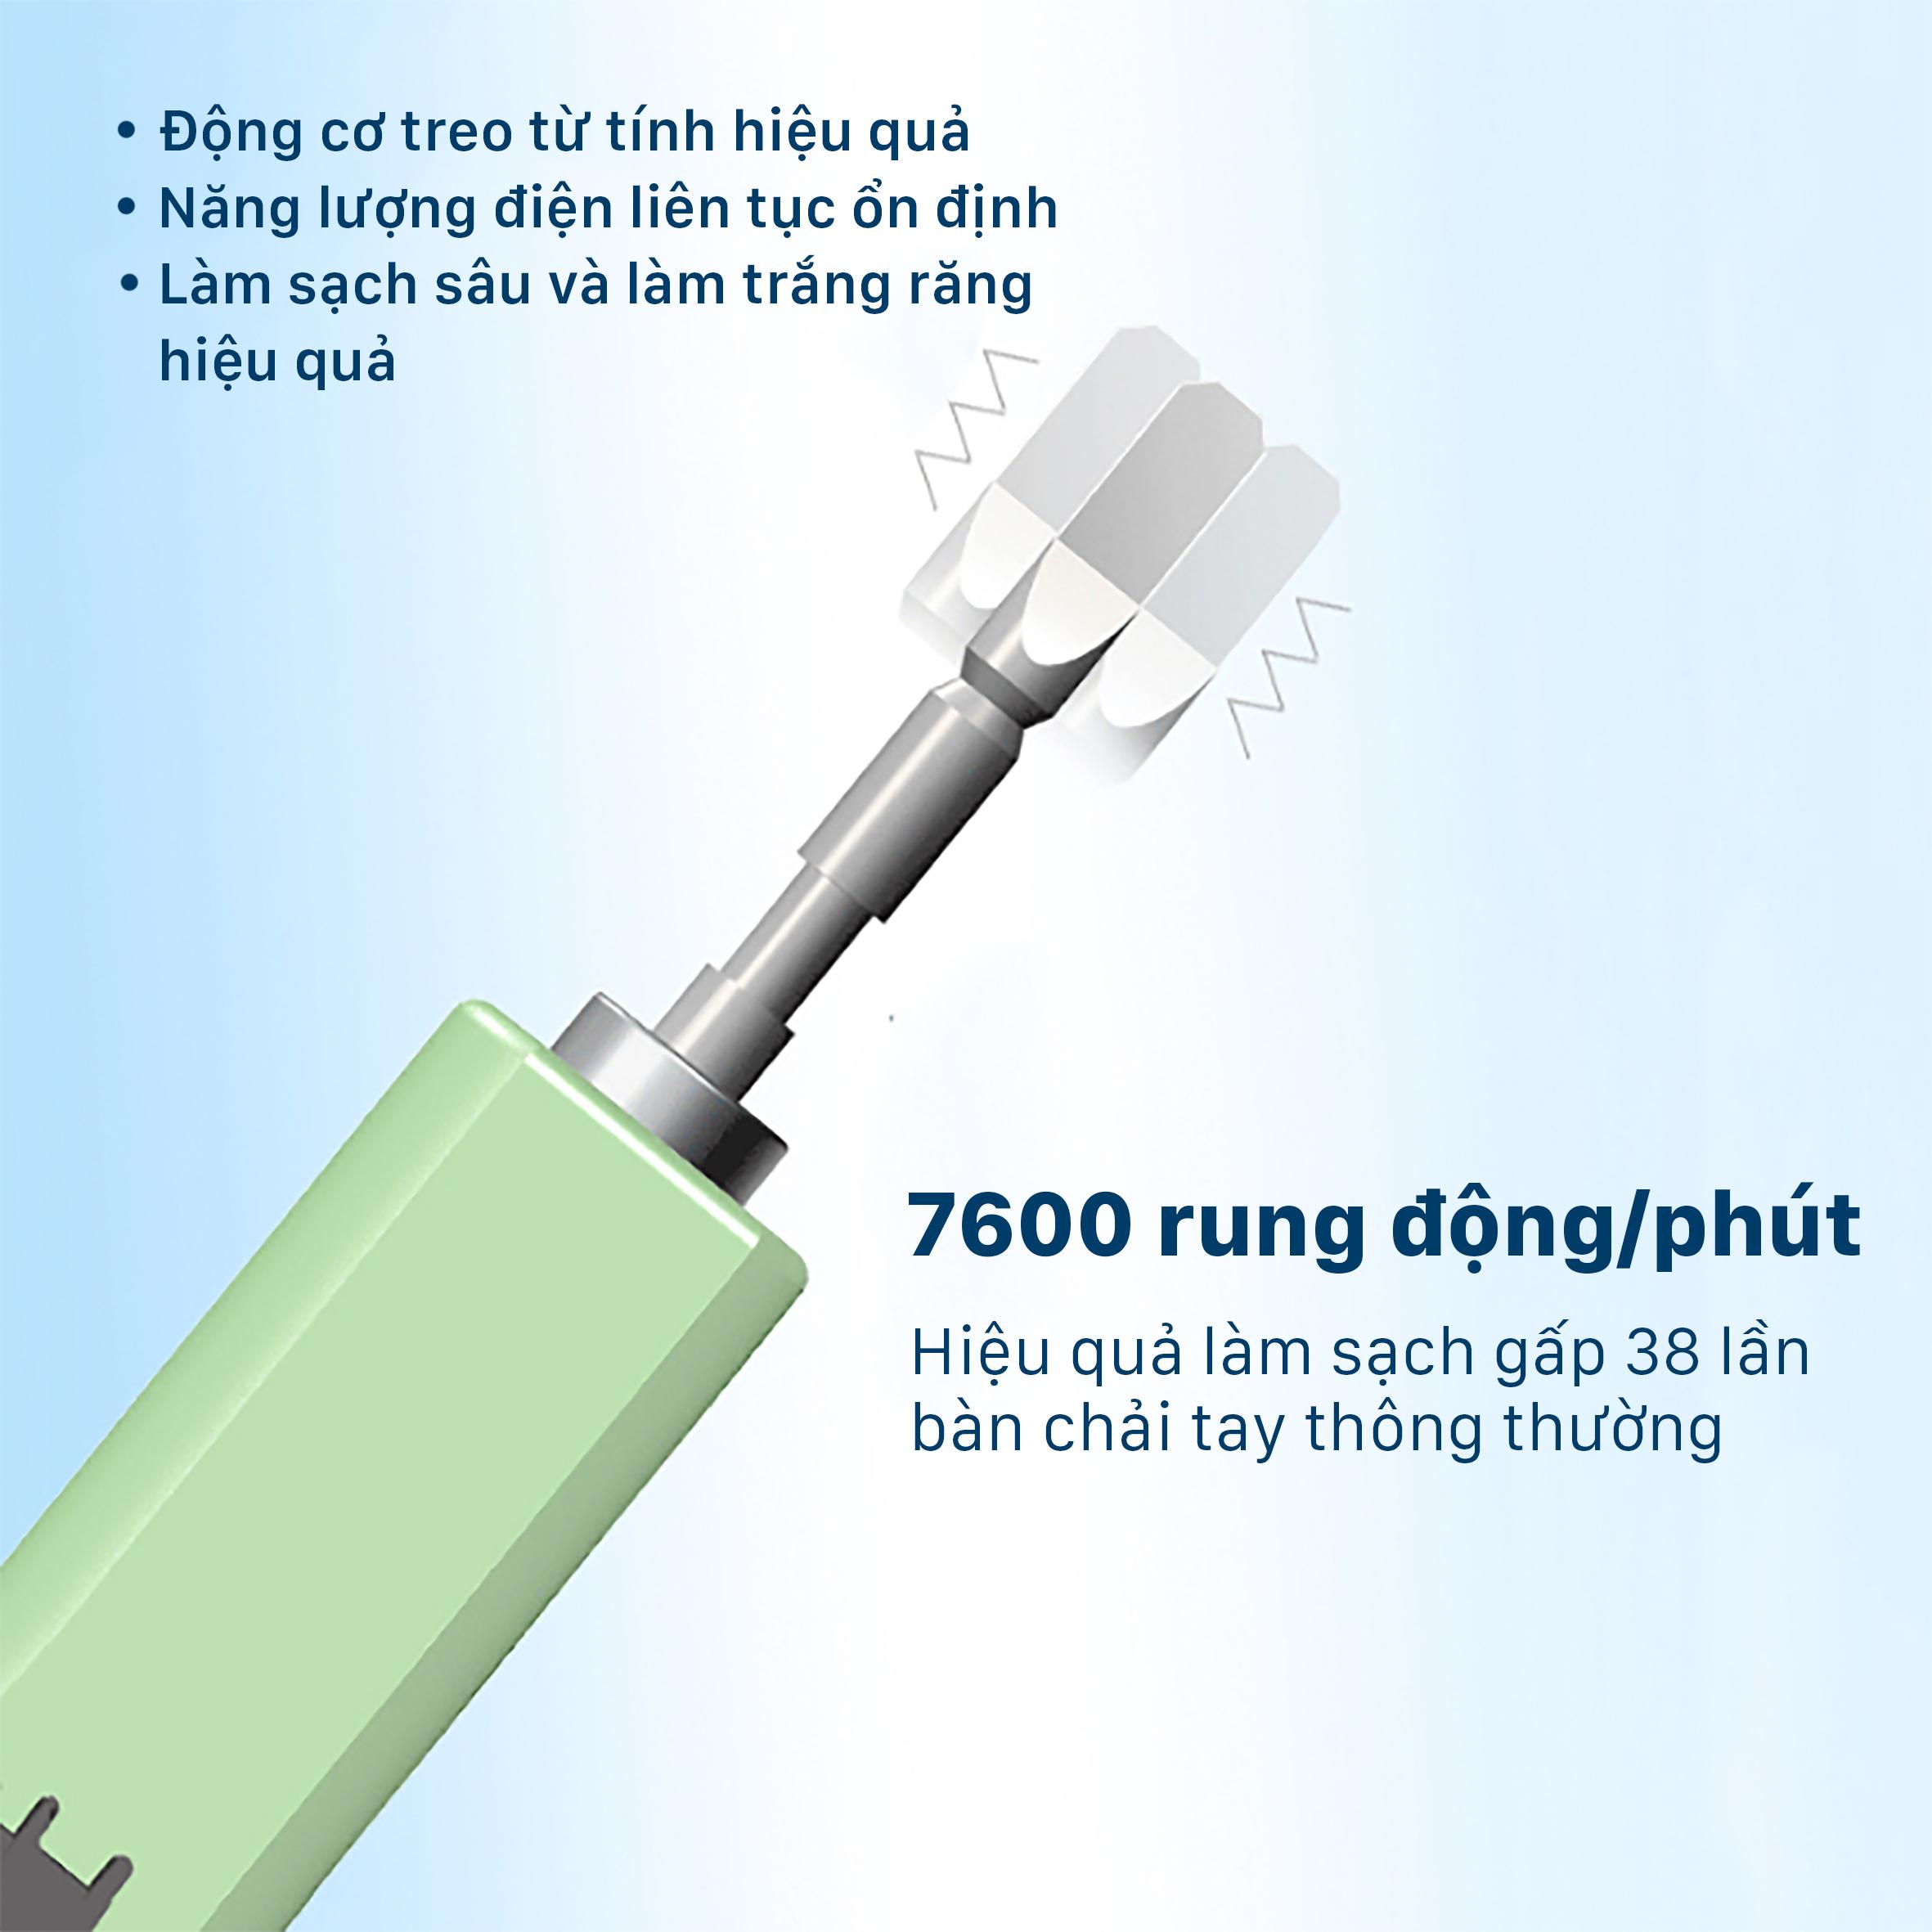 Bàn chải điện xoay tròn Roatry Toohbrush Giúp Giảm TÌnh Trạng Mòn Cổ Răng